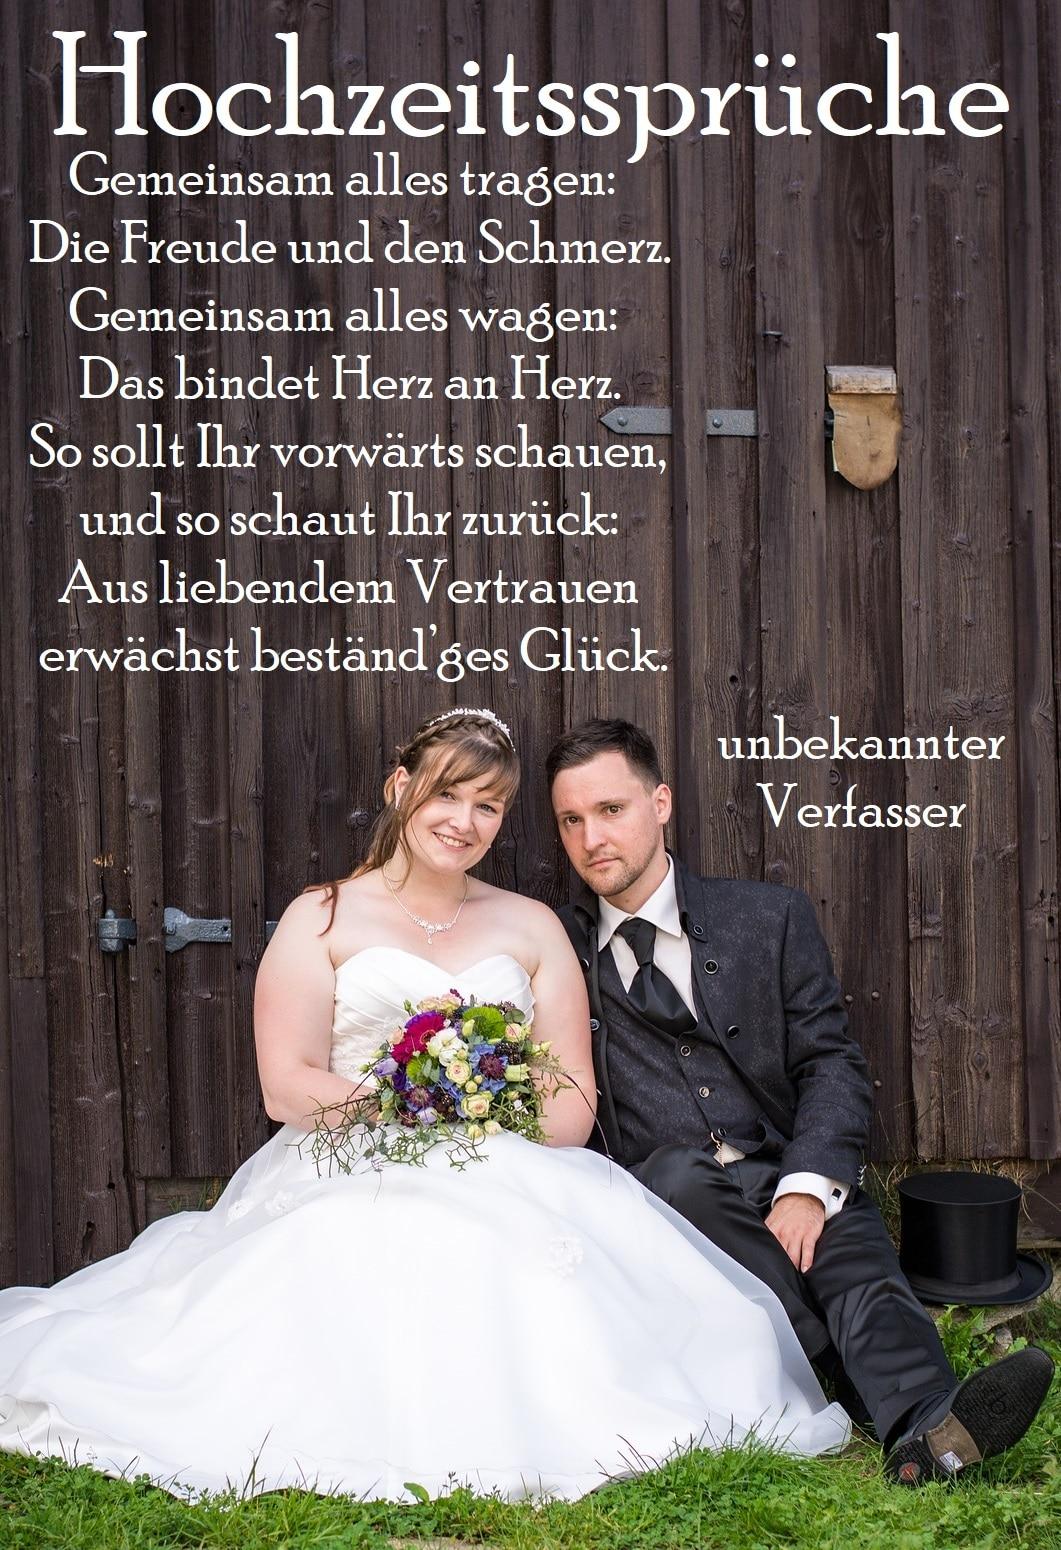 Hochzeitsspruch verwenden